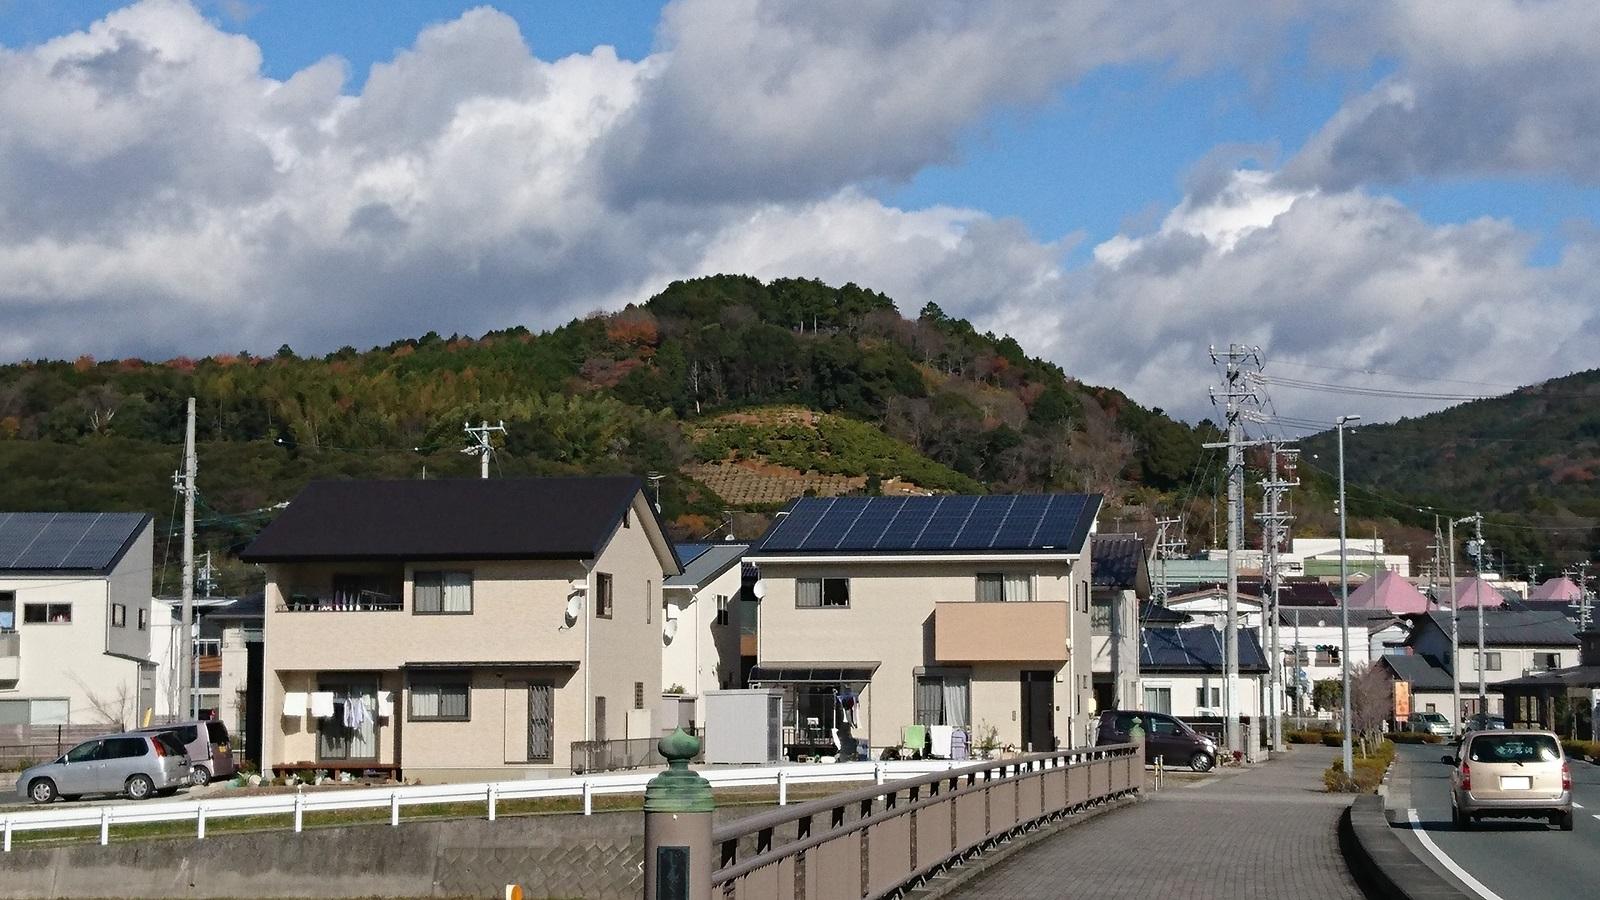 2016.12.23 井伊谷 (5) 井伊谷城 1600-900